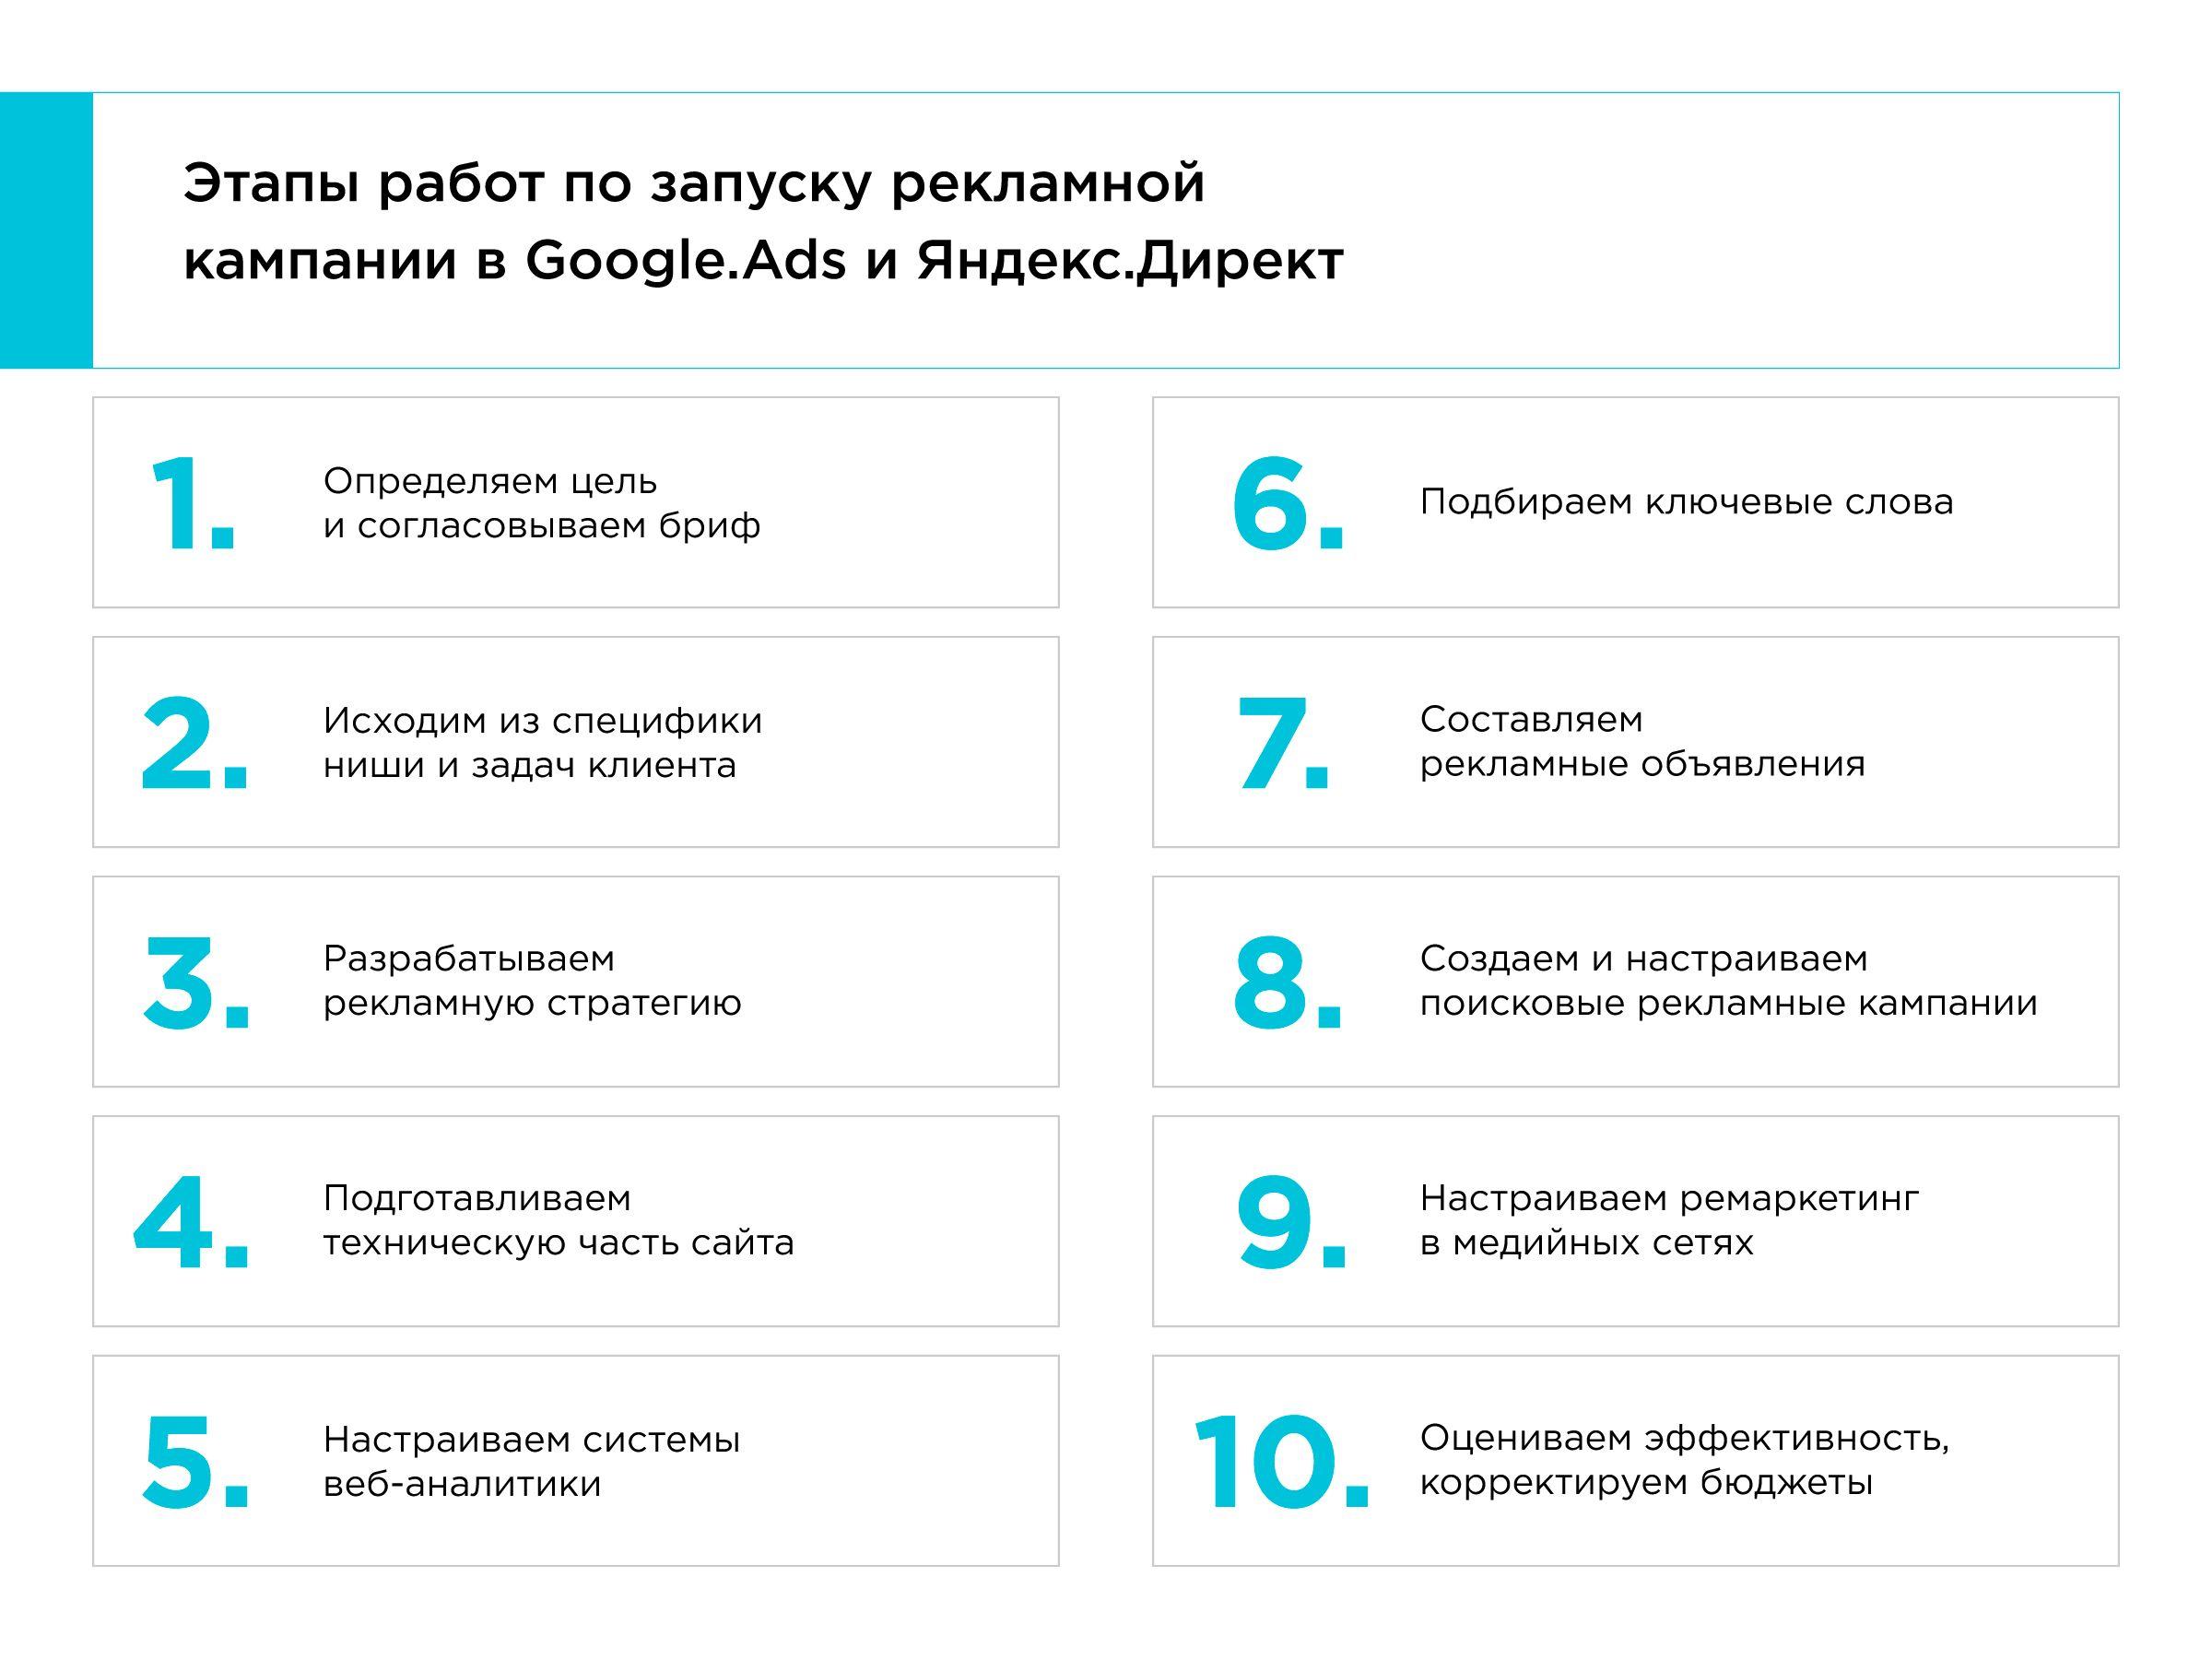 PPC service Google Ads